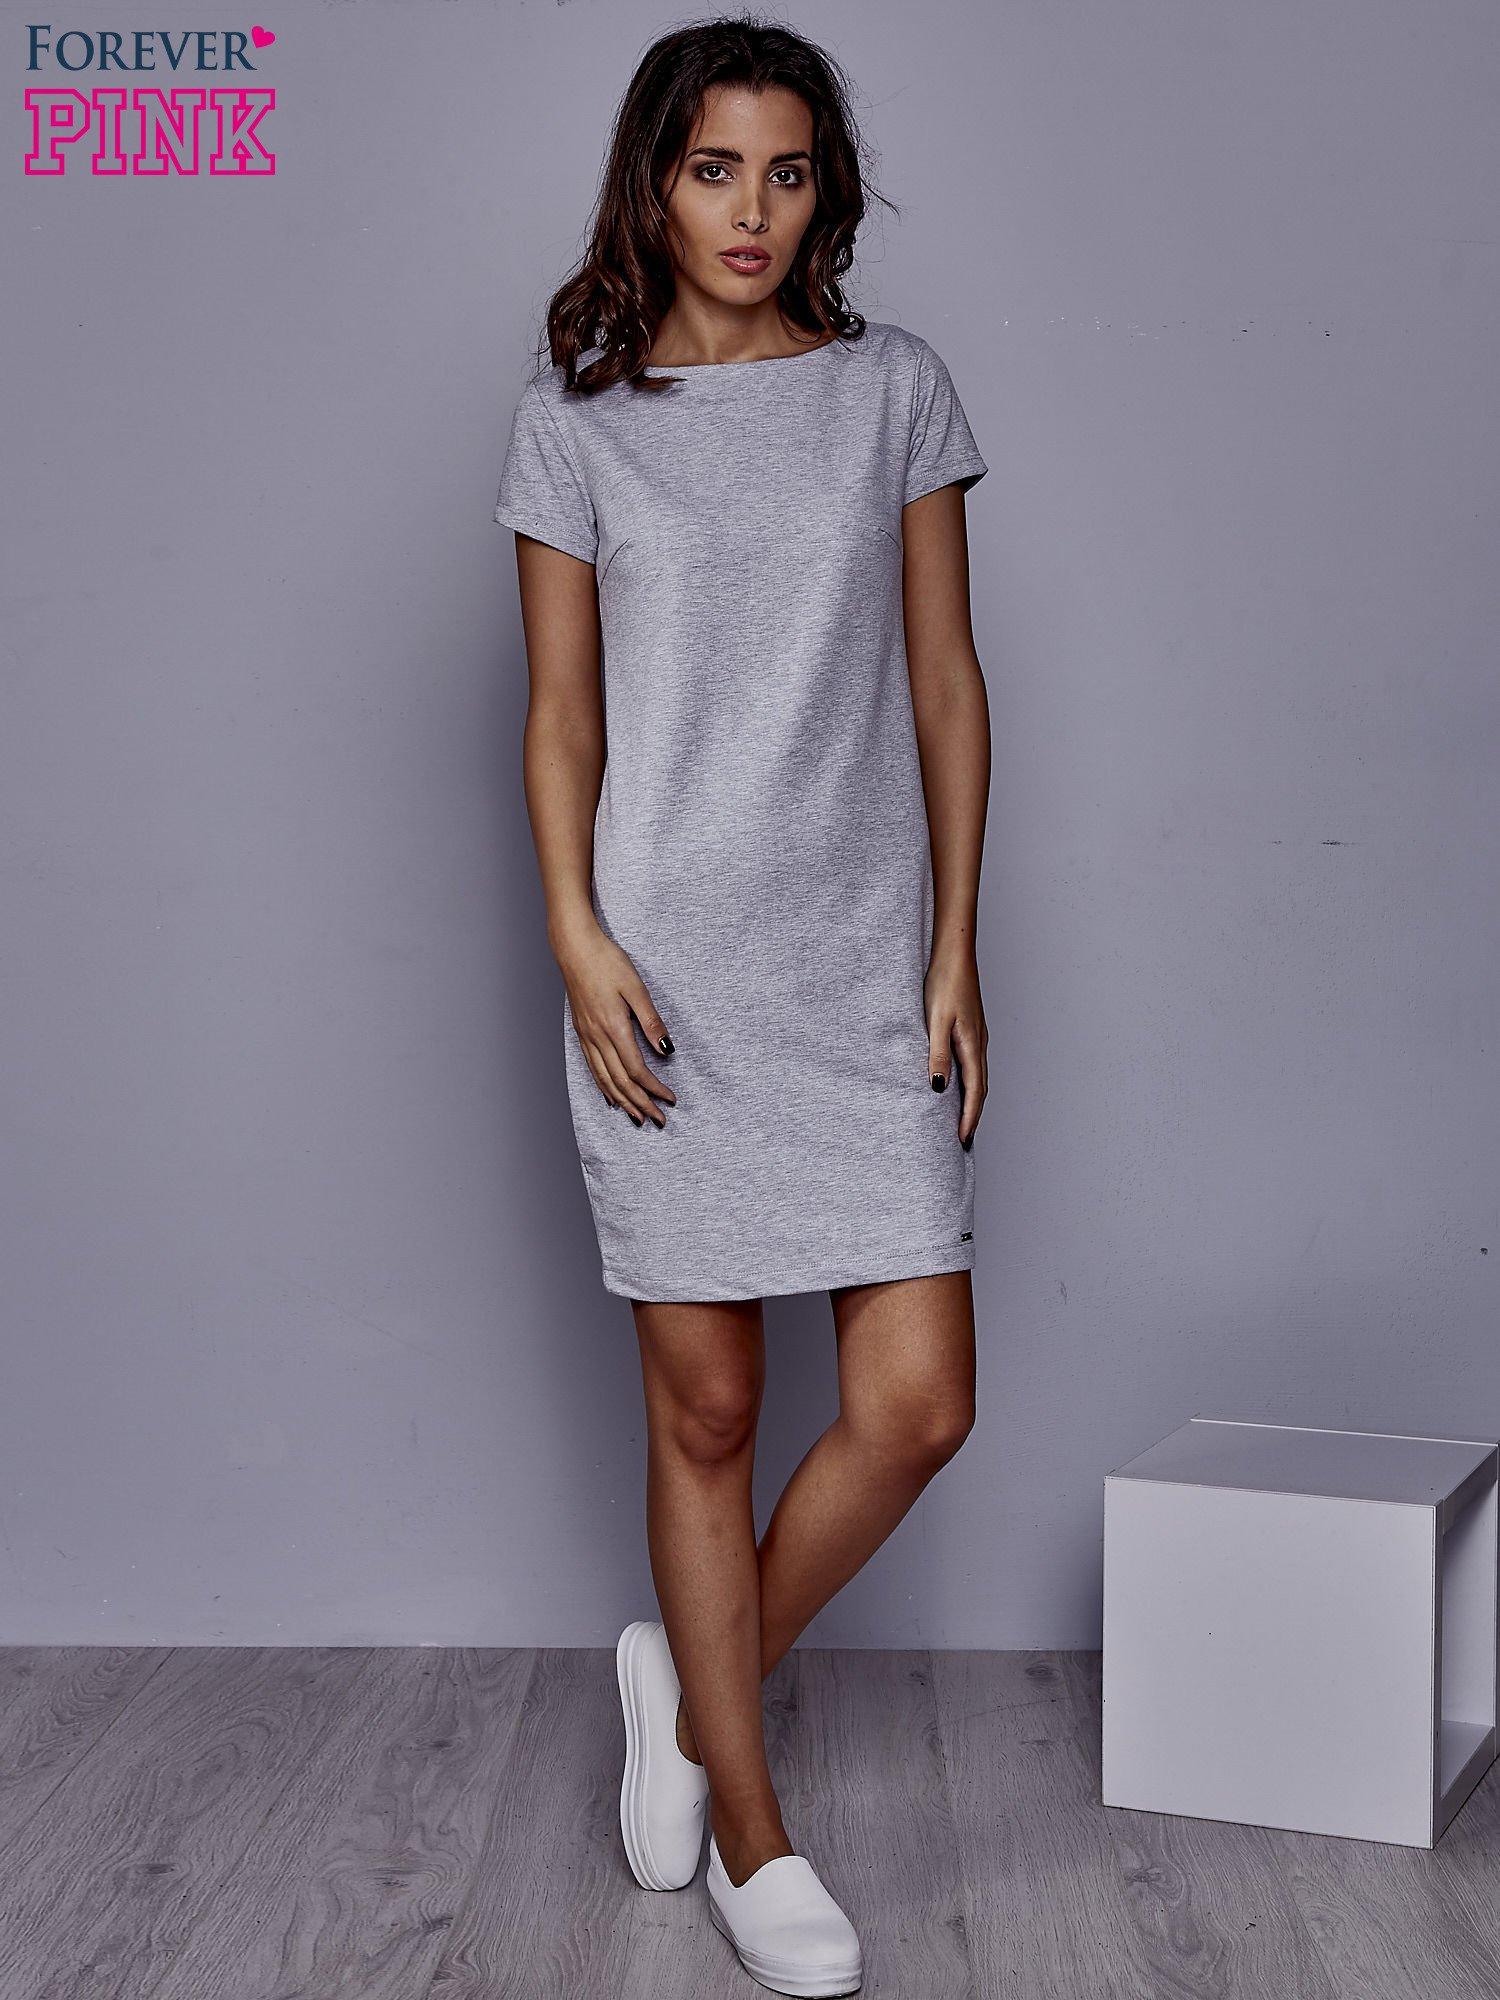 Szara sukienka dresowa o prostym kroju                                  zdj.                                  2